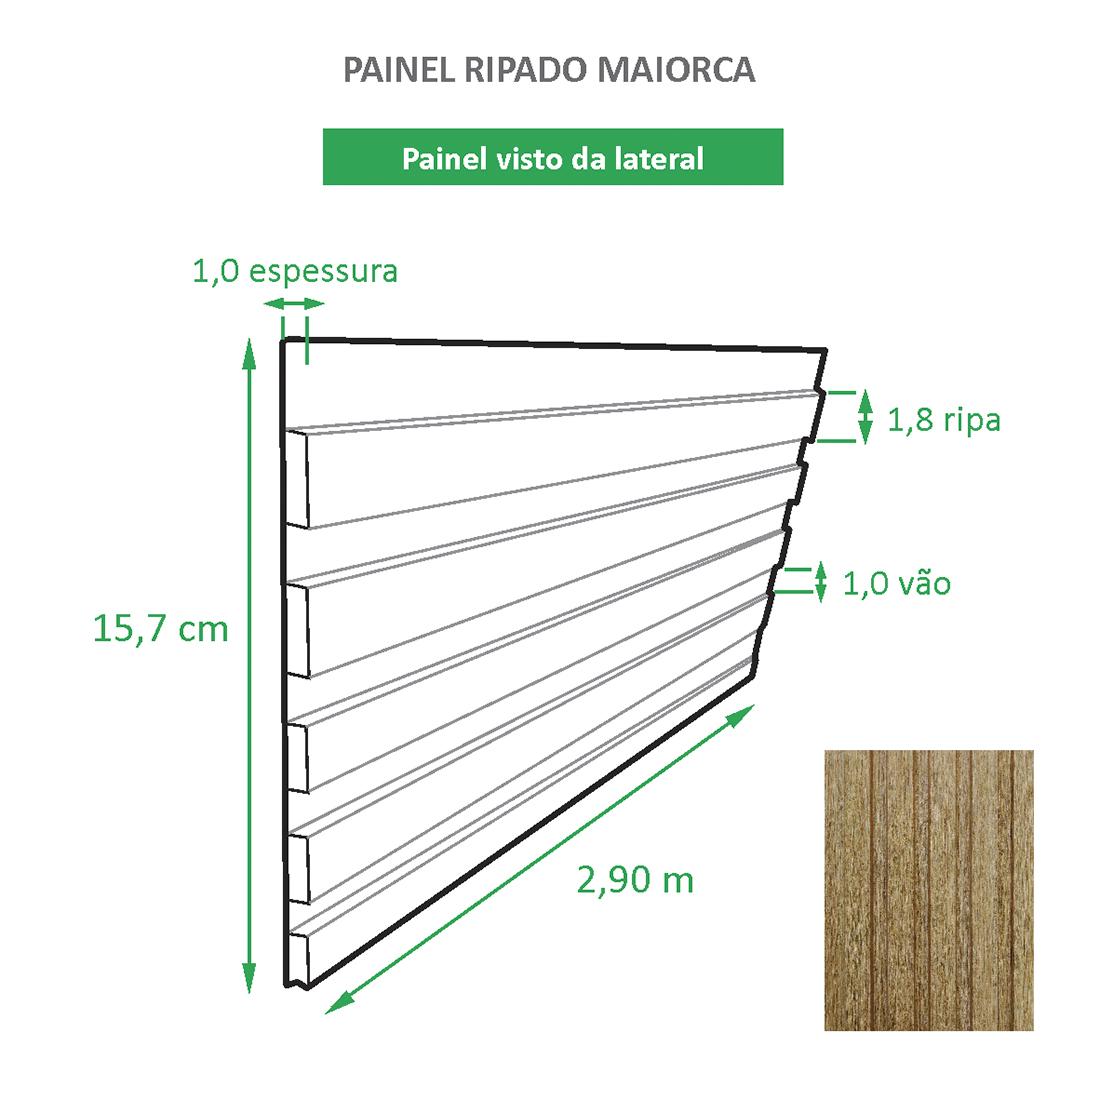 Painel Ripado Ecológico RENO Maiorca - Novo Modelo placa com 0,45m²